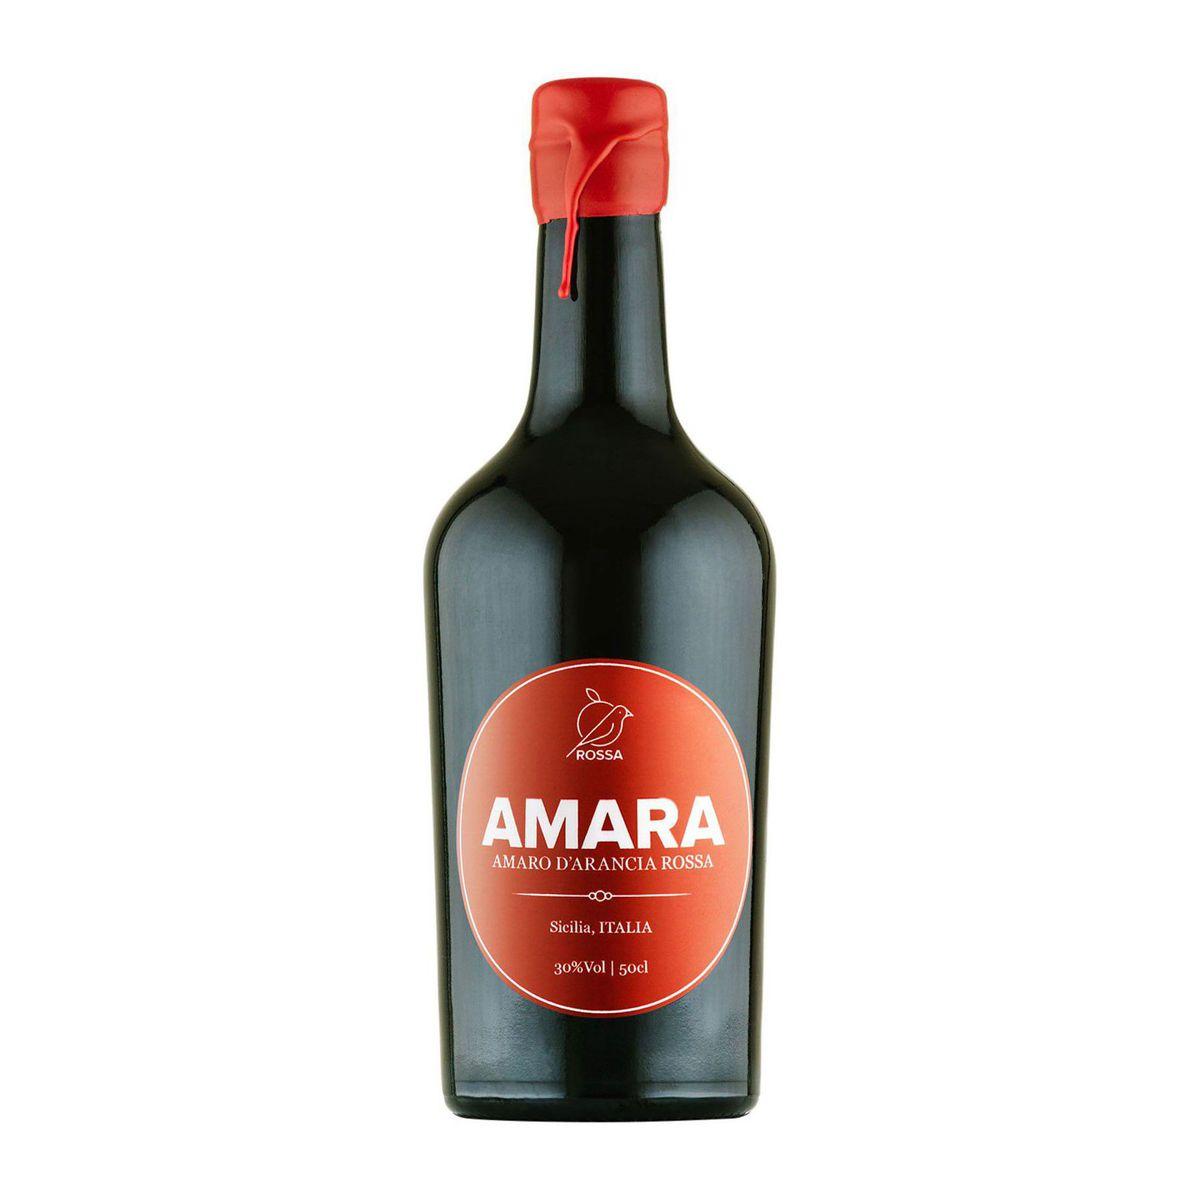 Amara Rossa Sicily